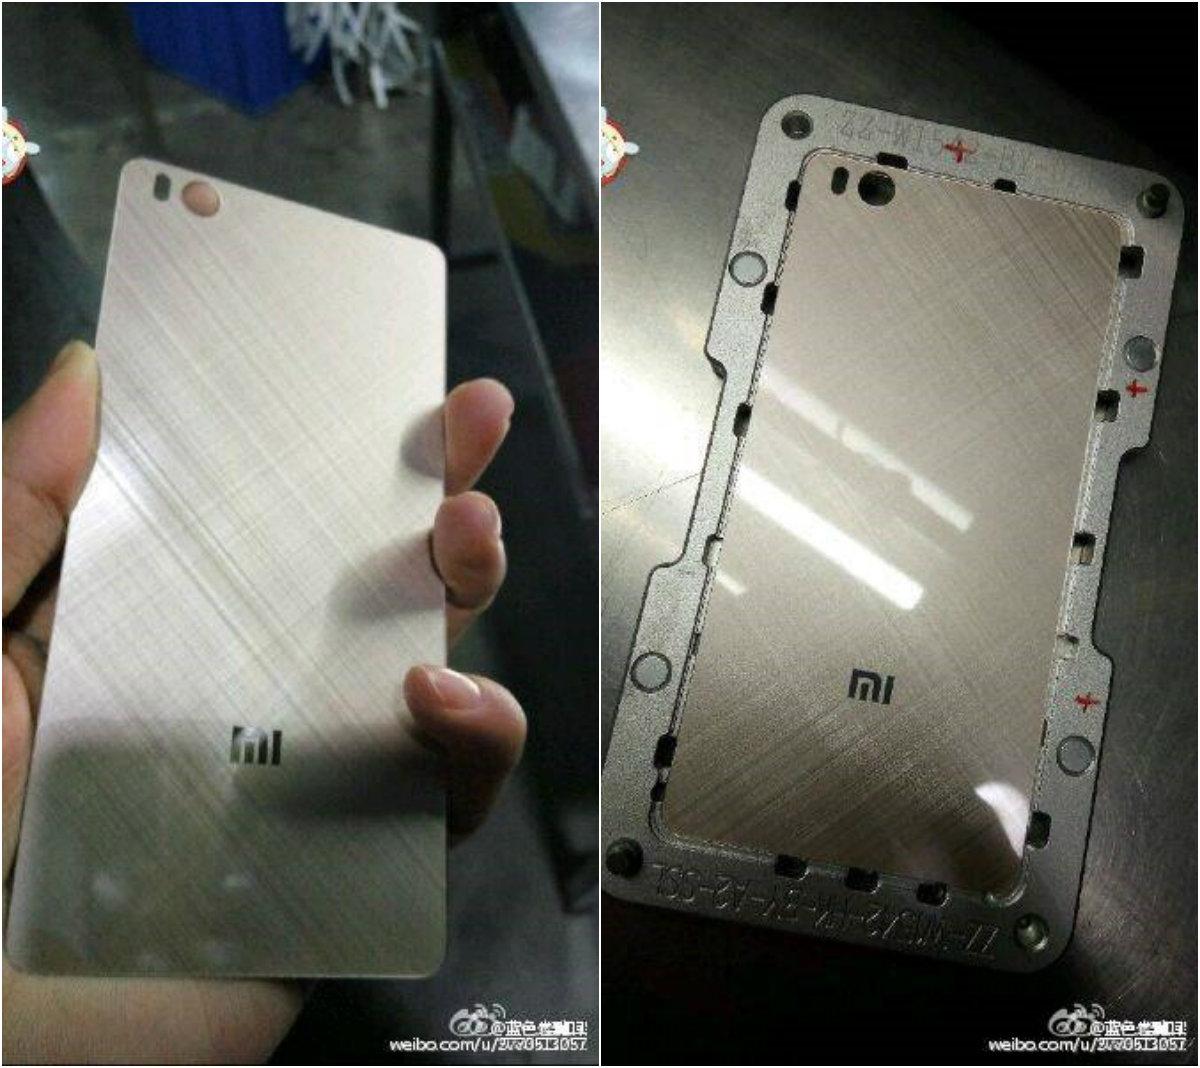 Xiaomi-Mi-5-back-cover-leak_3